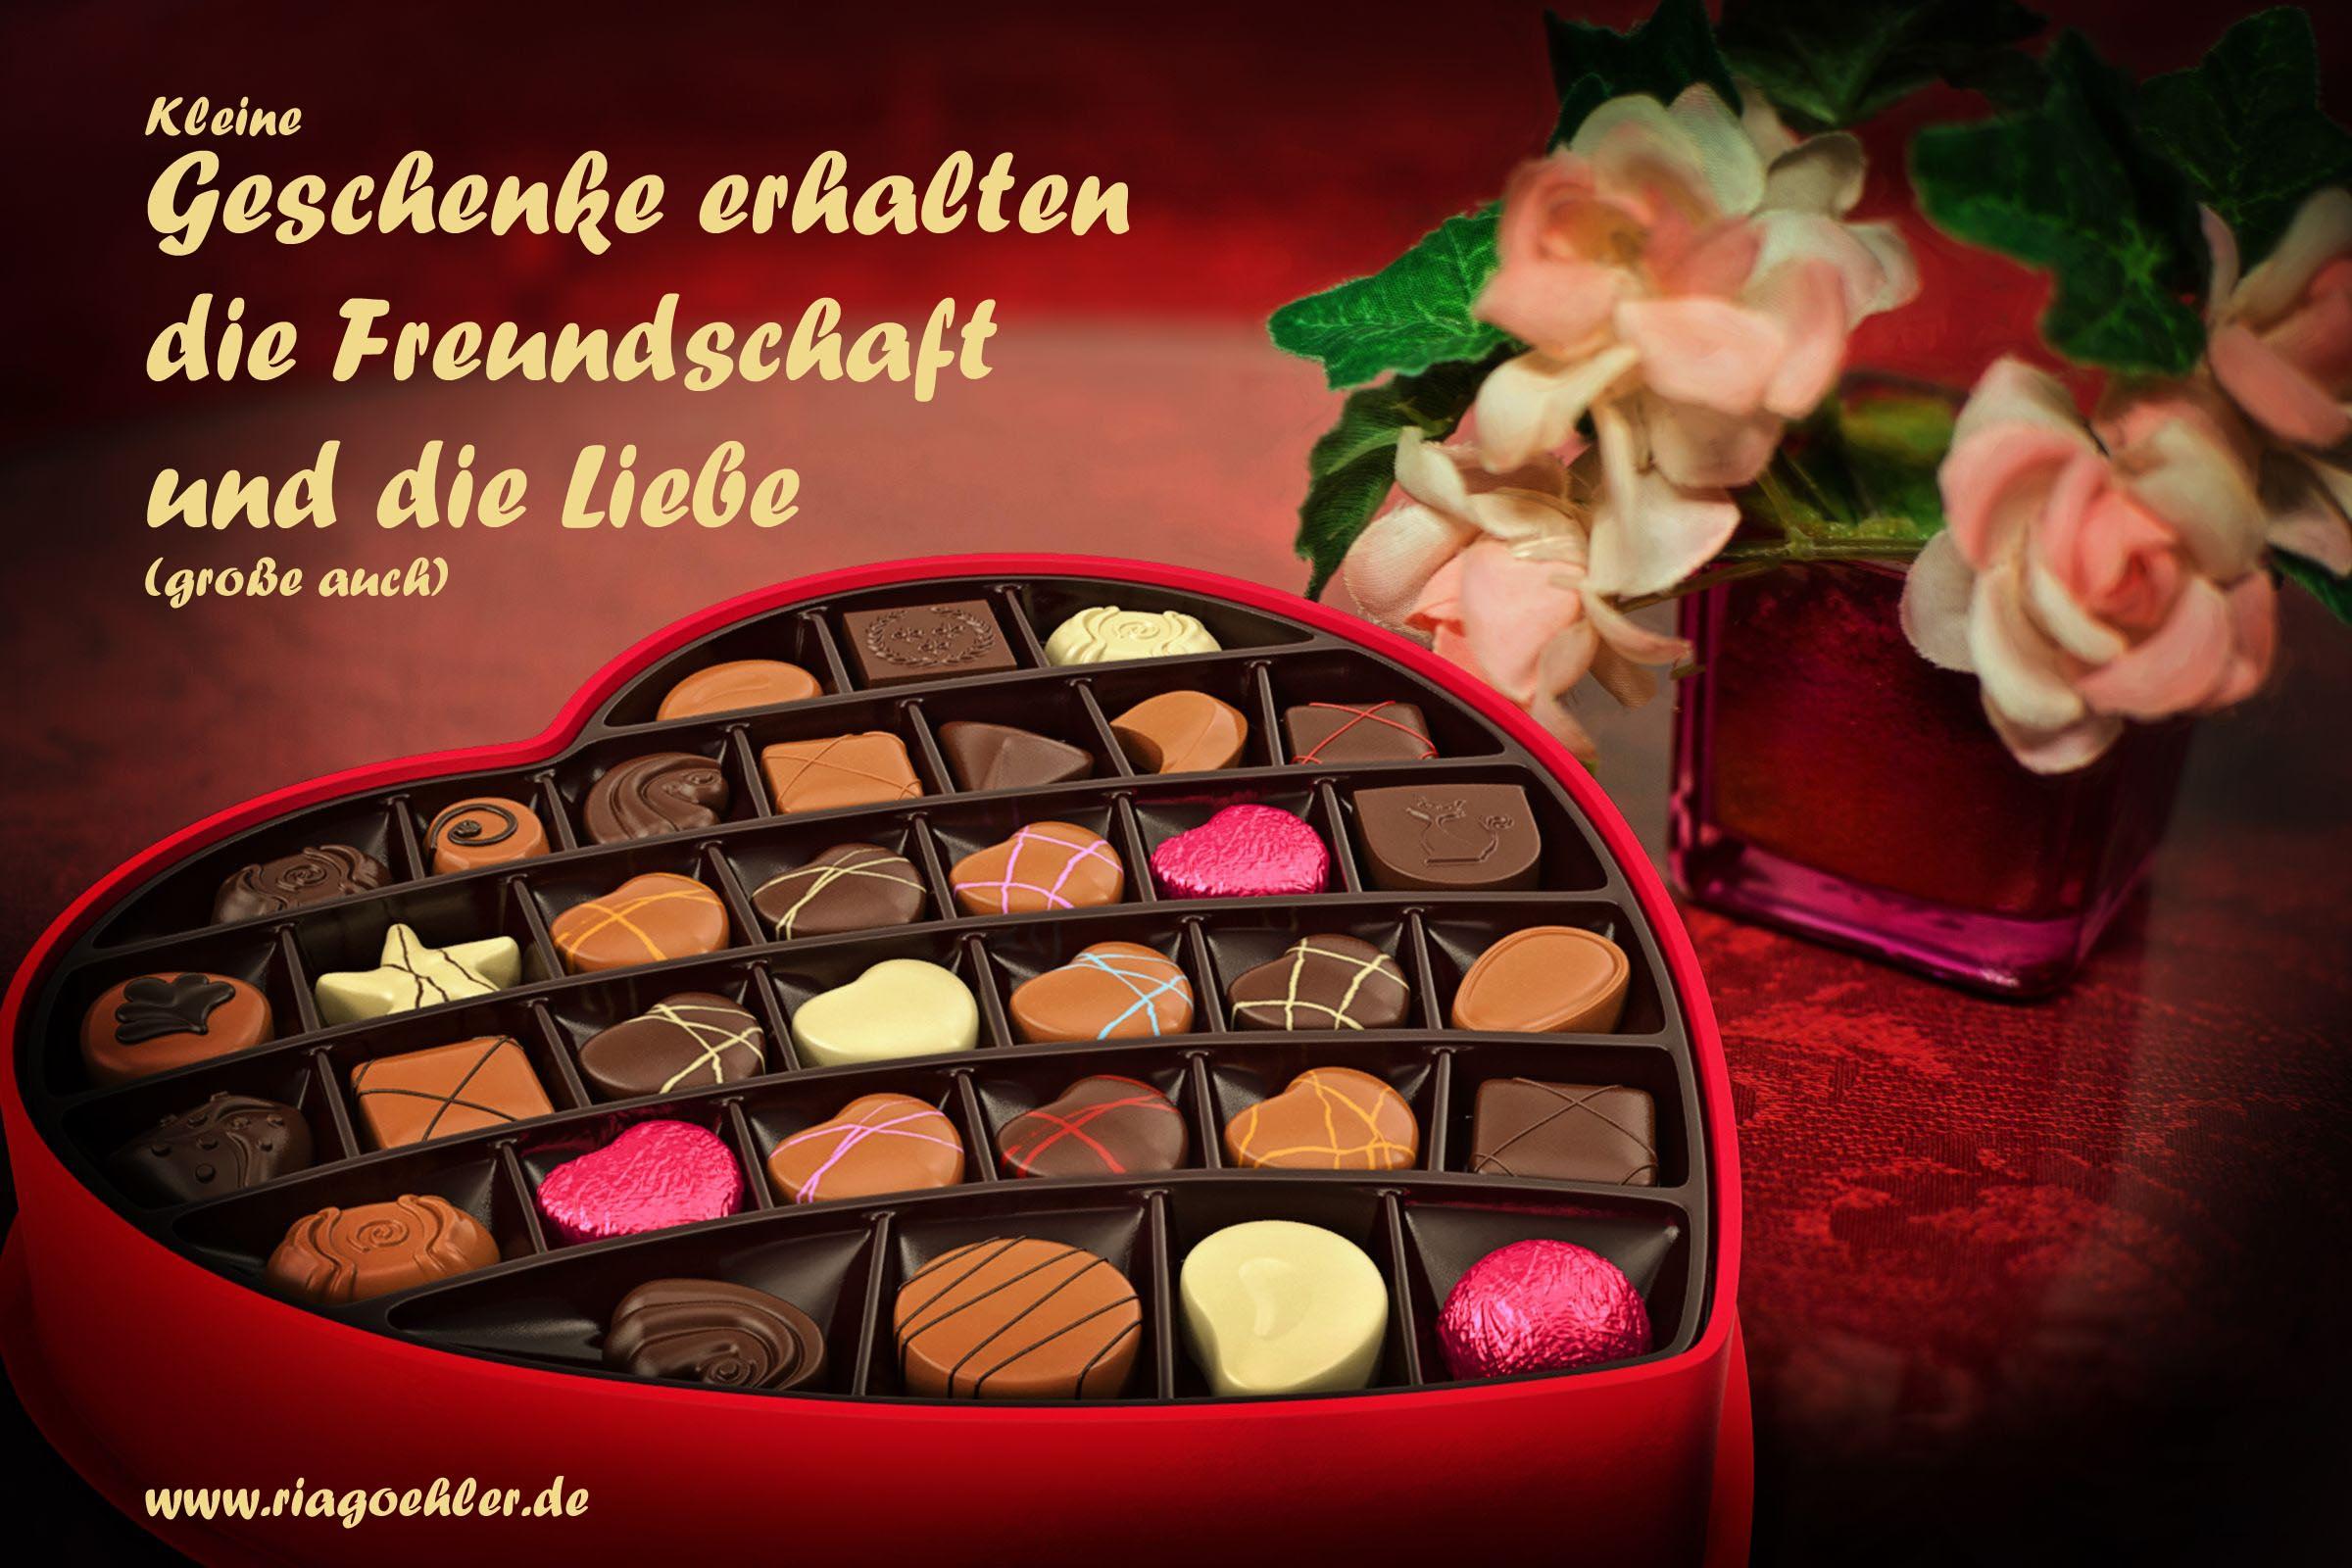 Kleine Geschenke Erhalten Die Freundschaft Und Die Liebe Ria Goehler